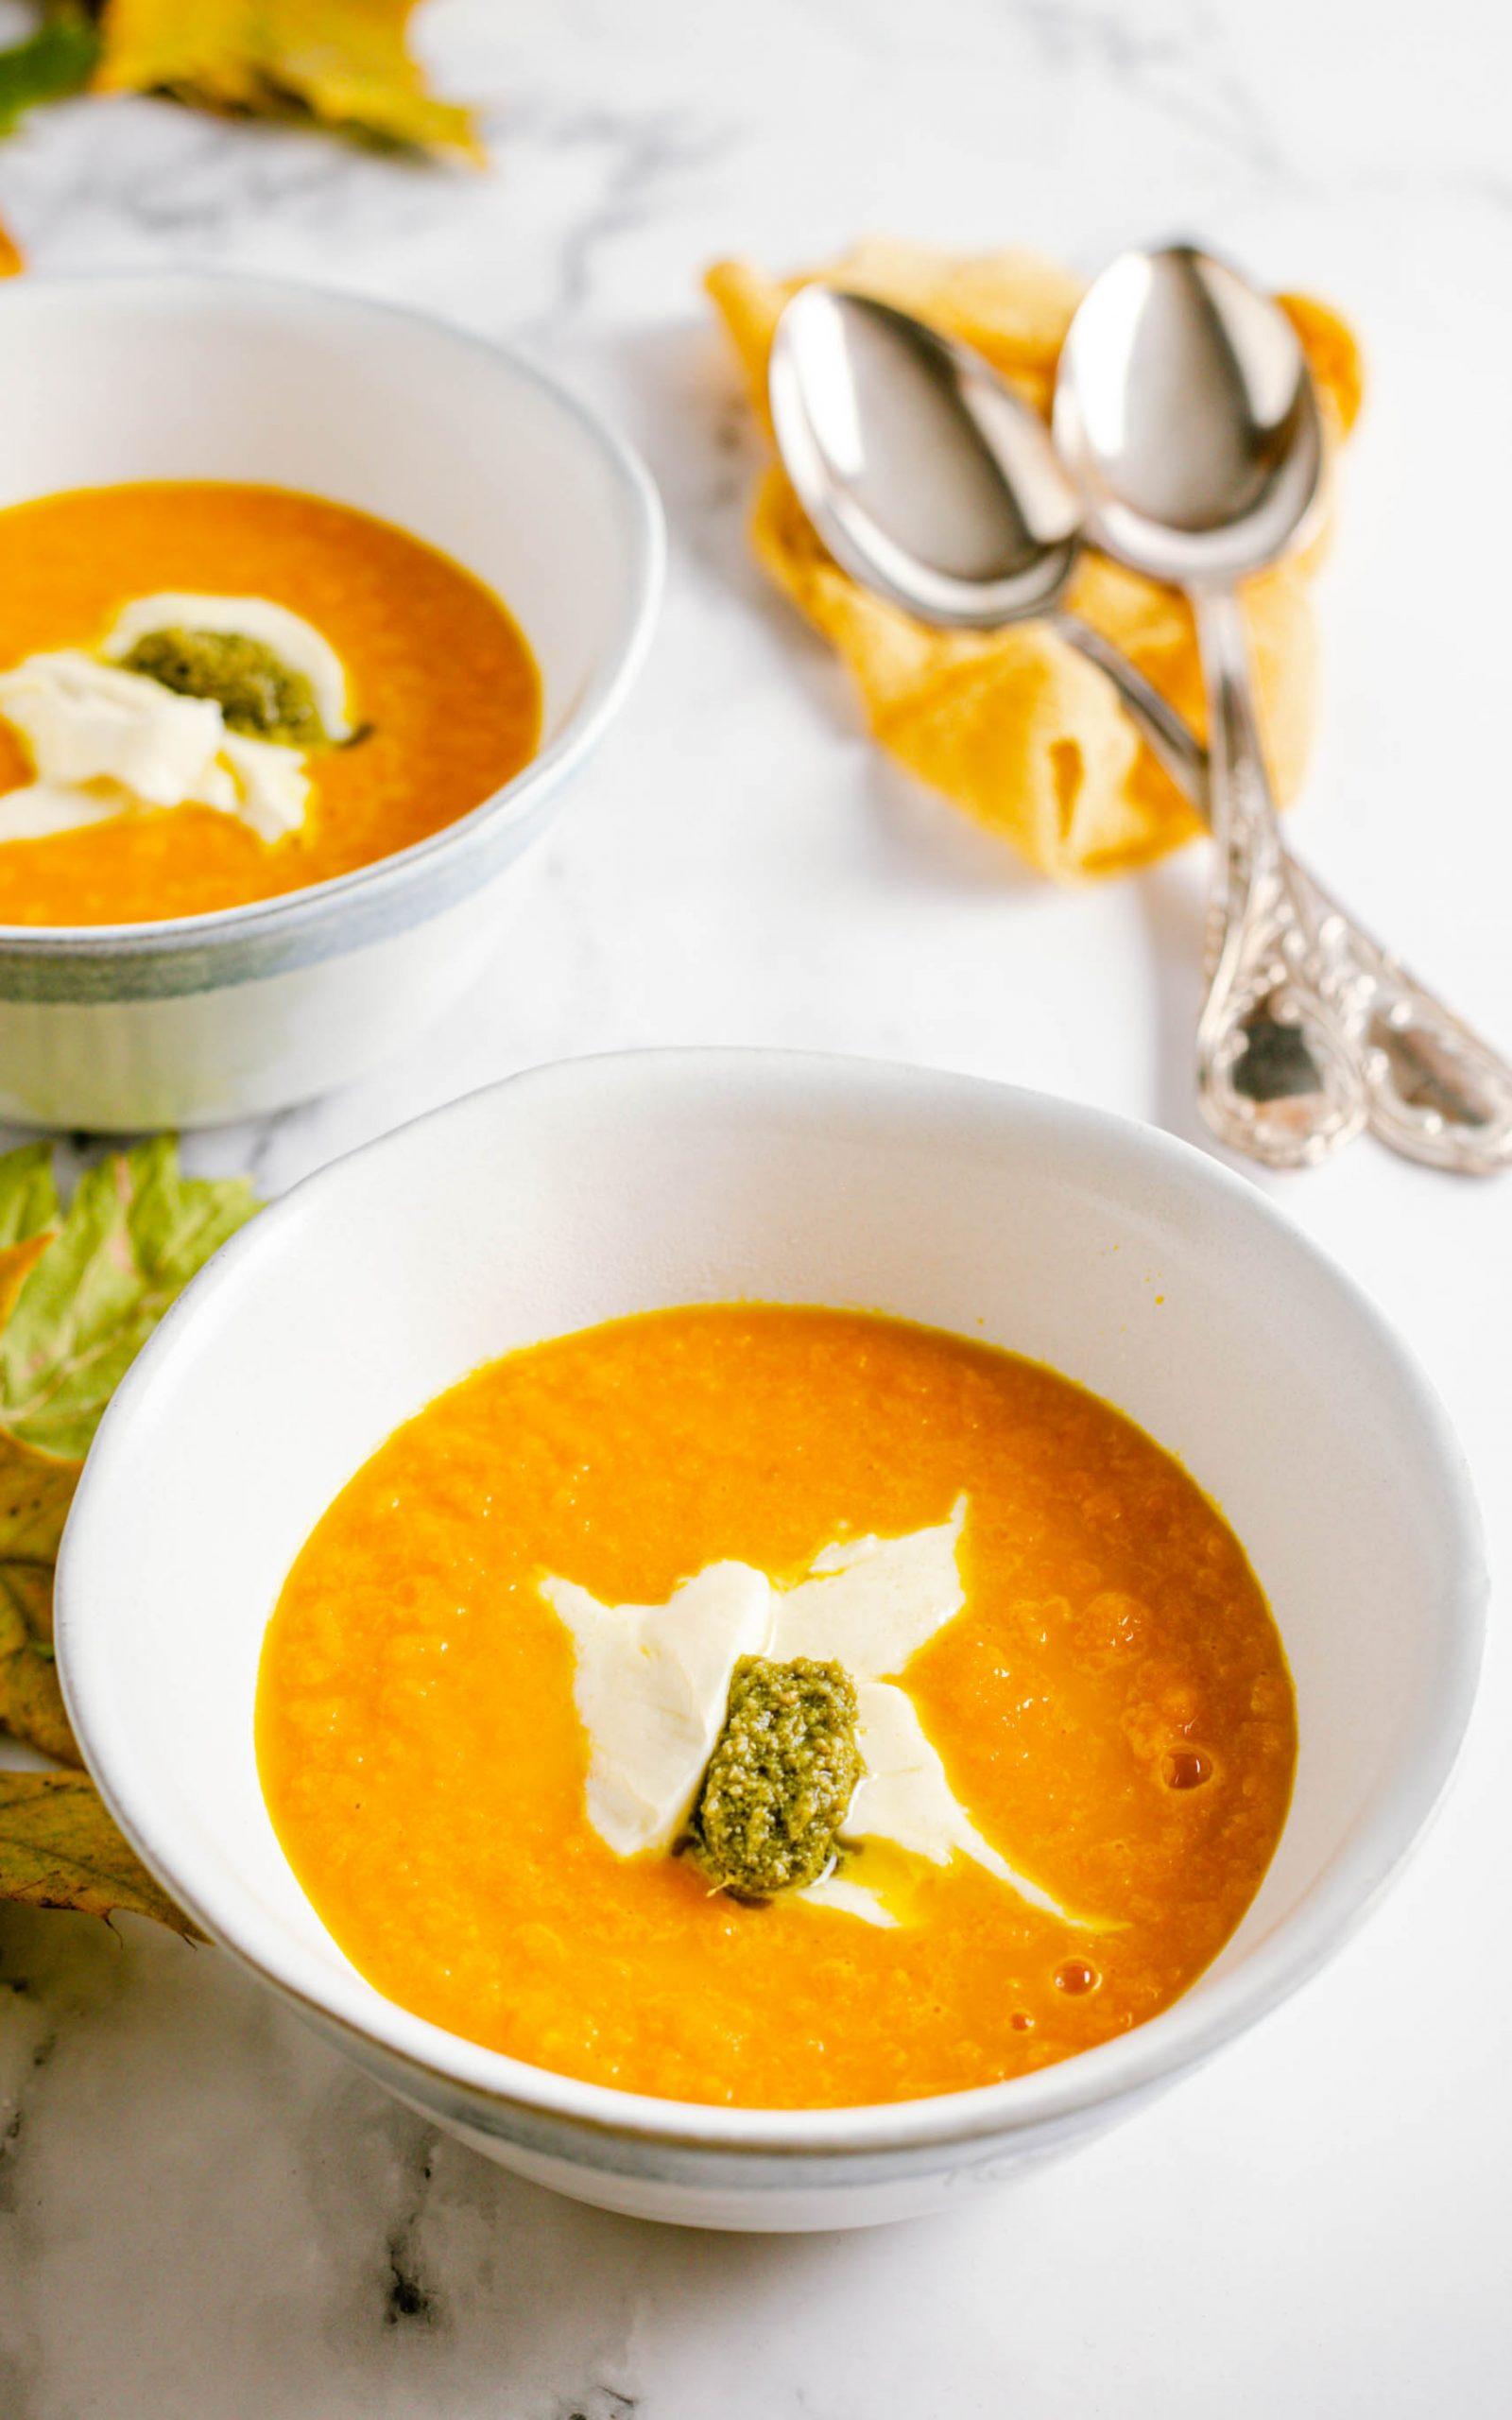 Möhrensuppe mit Orangensaft und Mozzarella